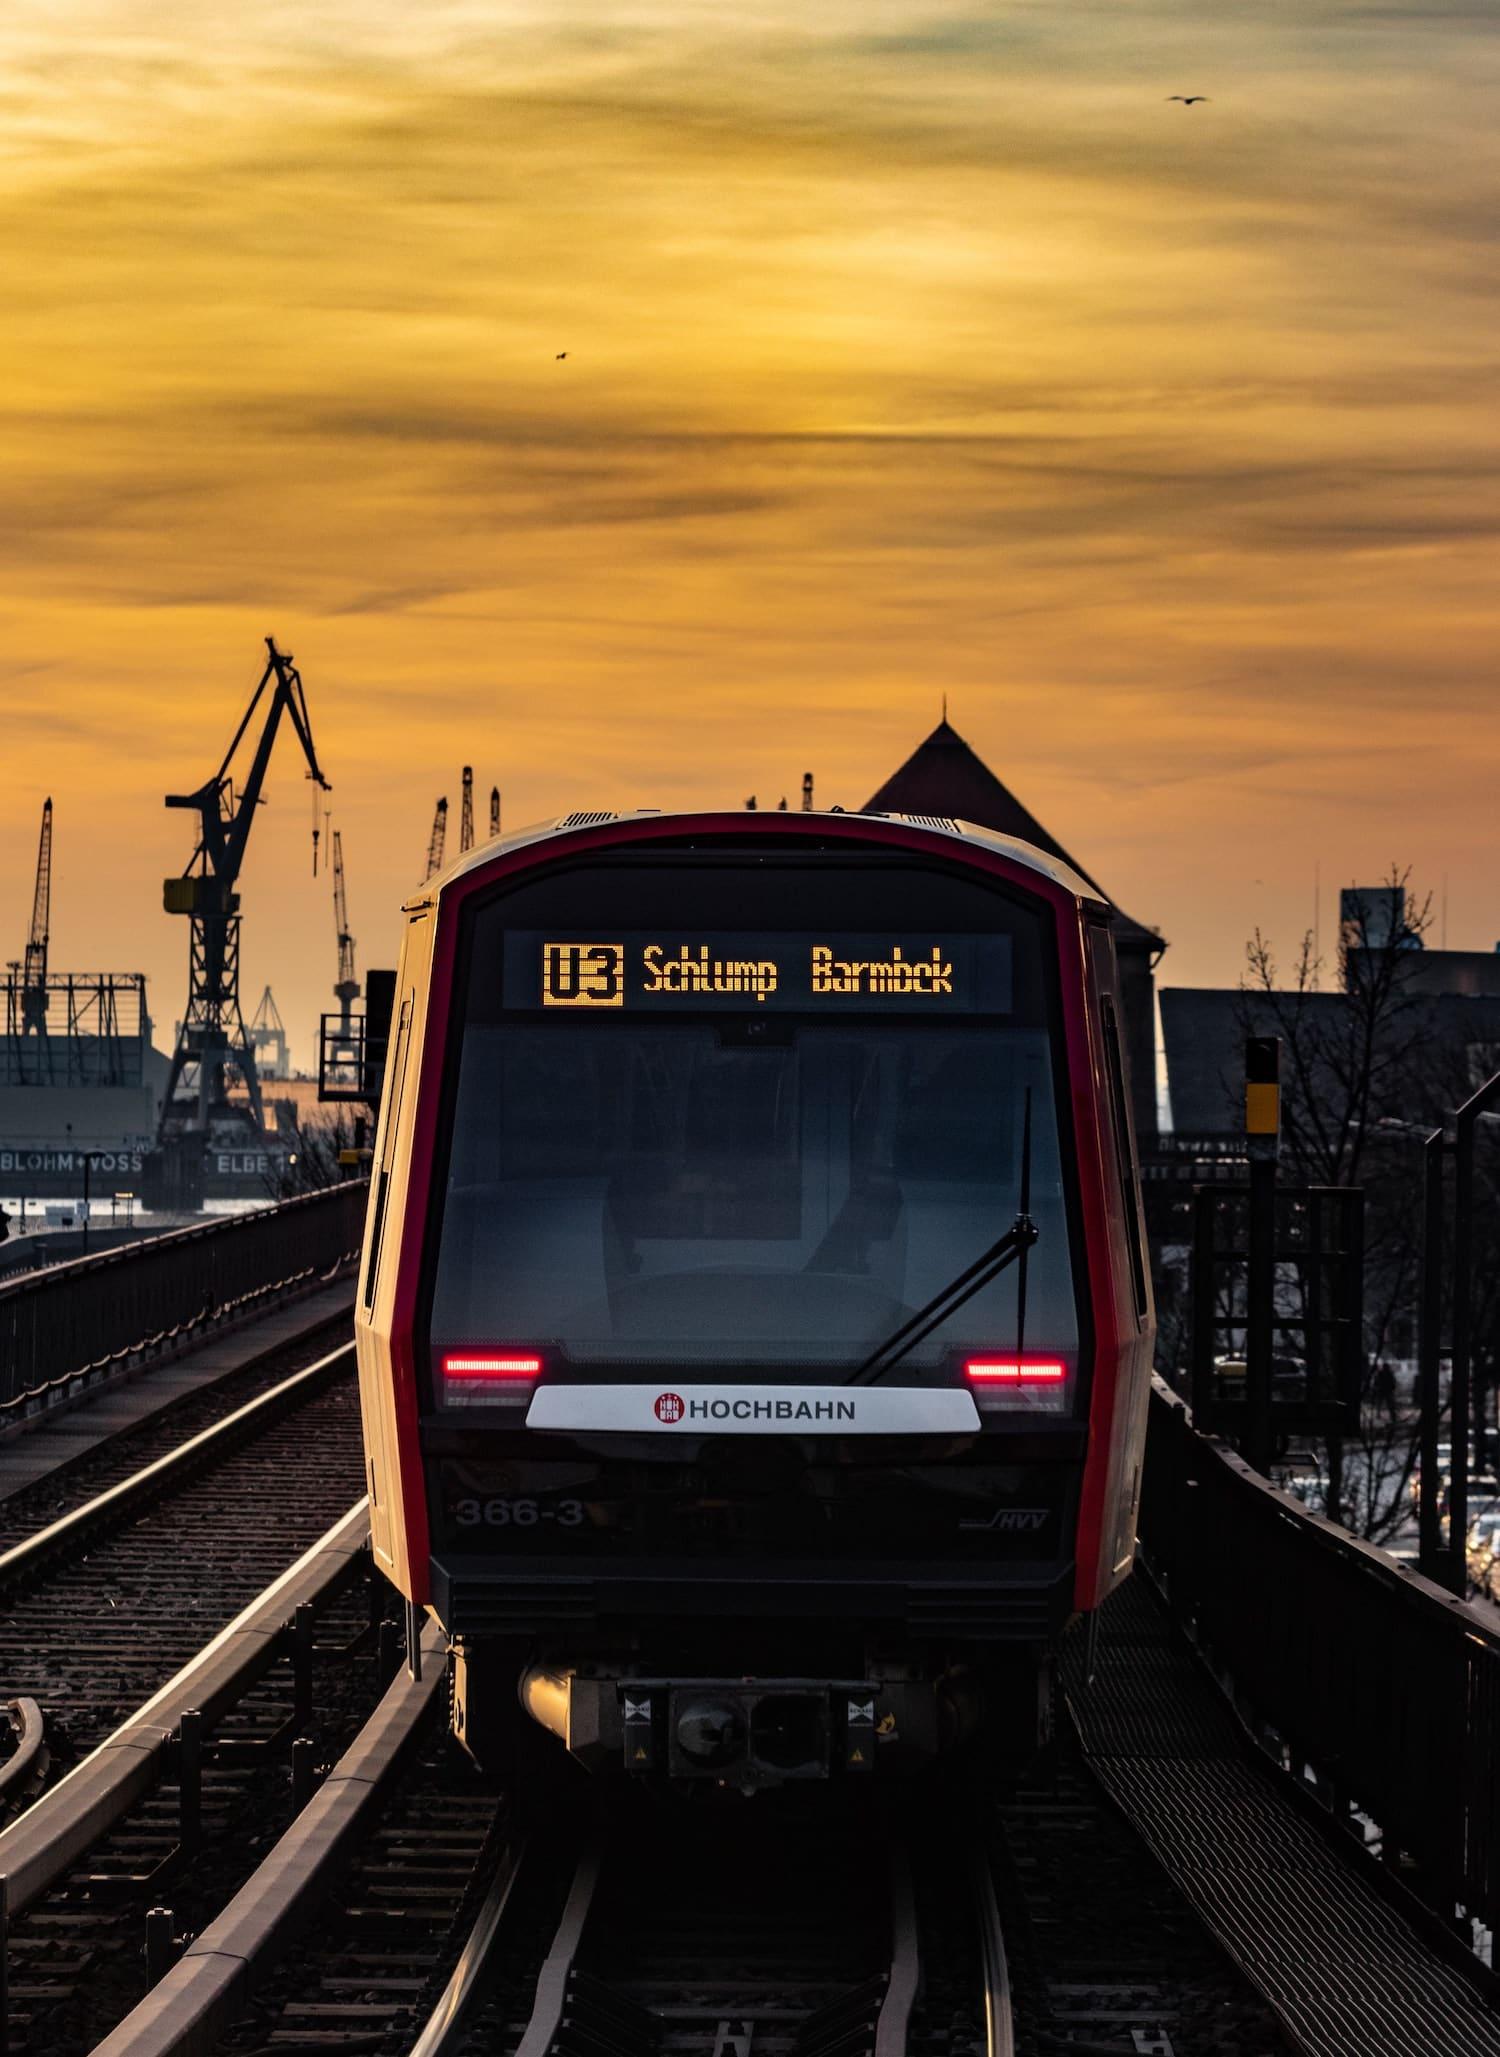 Mit der U 3 fahren Touristen an allen Sehenswürdigkeiten in Hamburg wie den Landungsbrücken vorbei